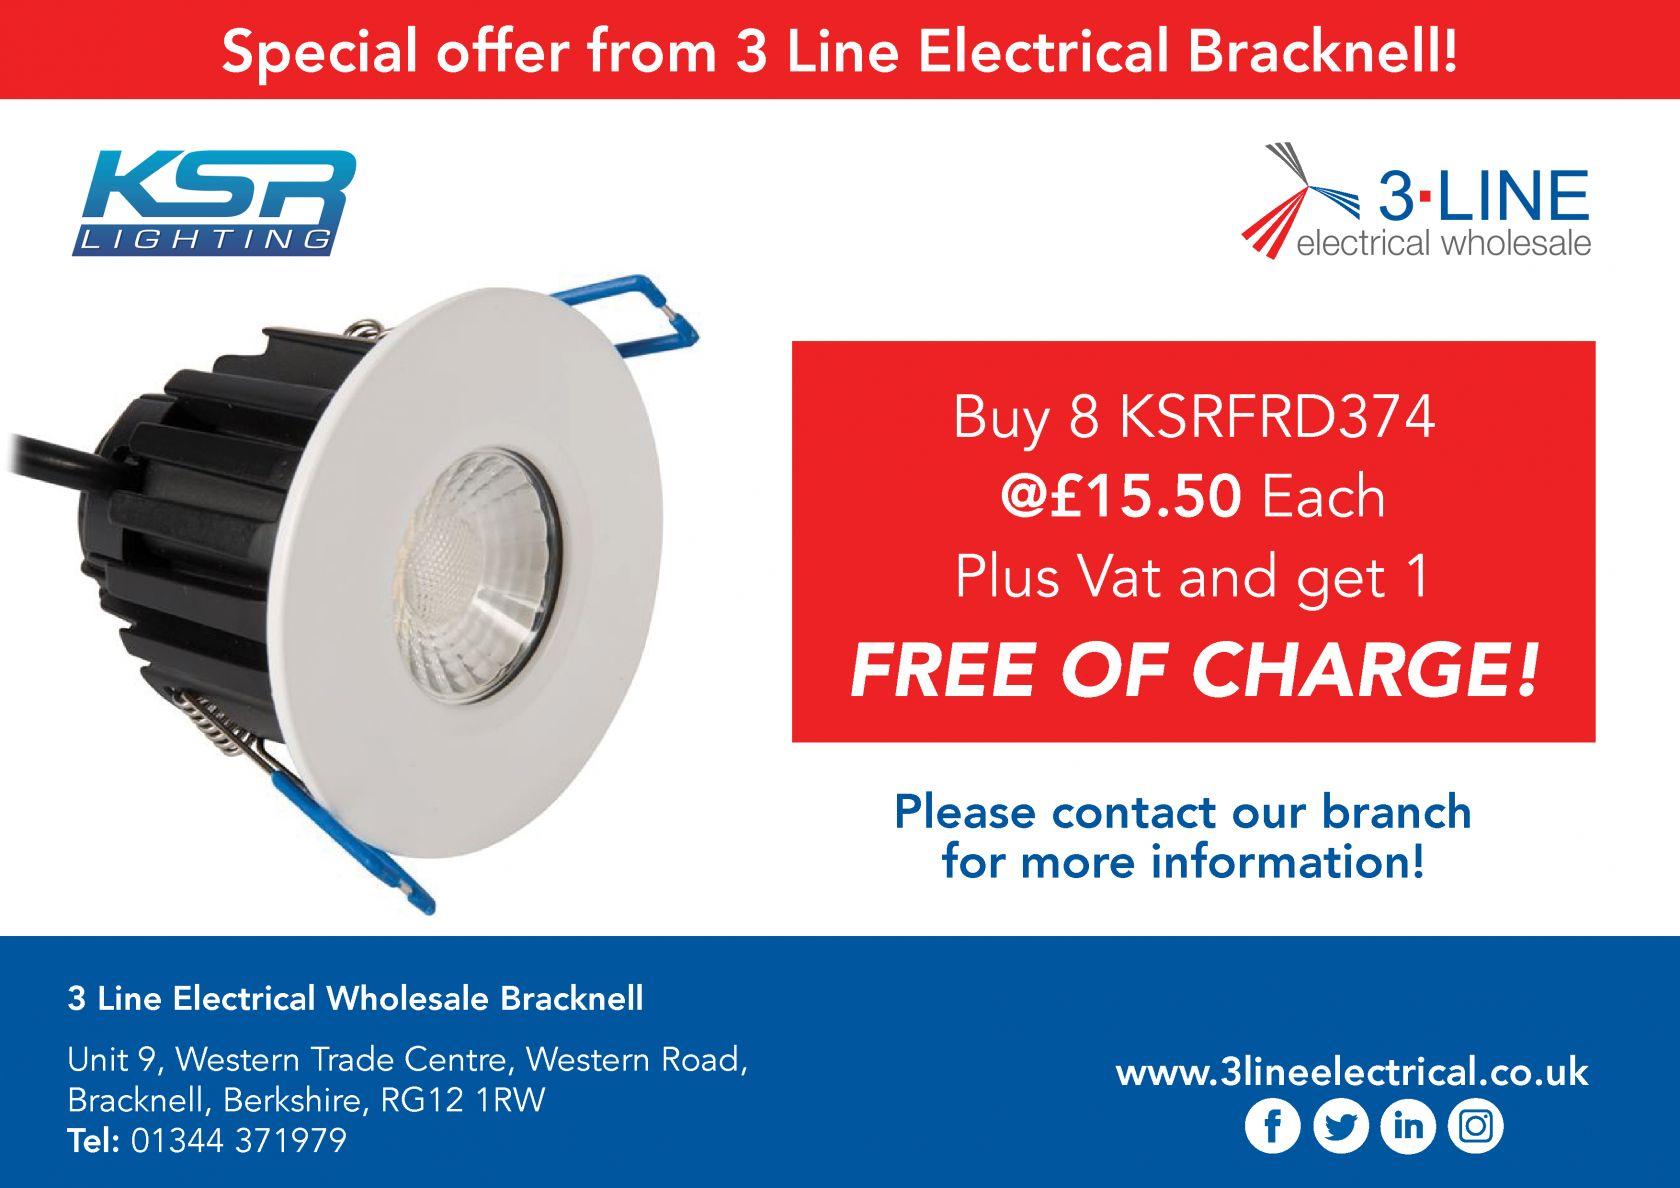 Bracknell KSR offer